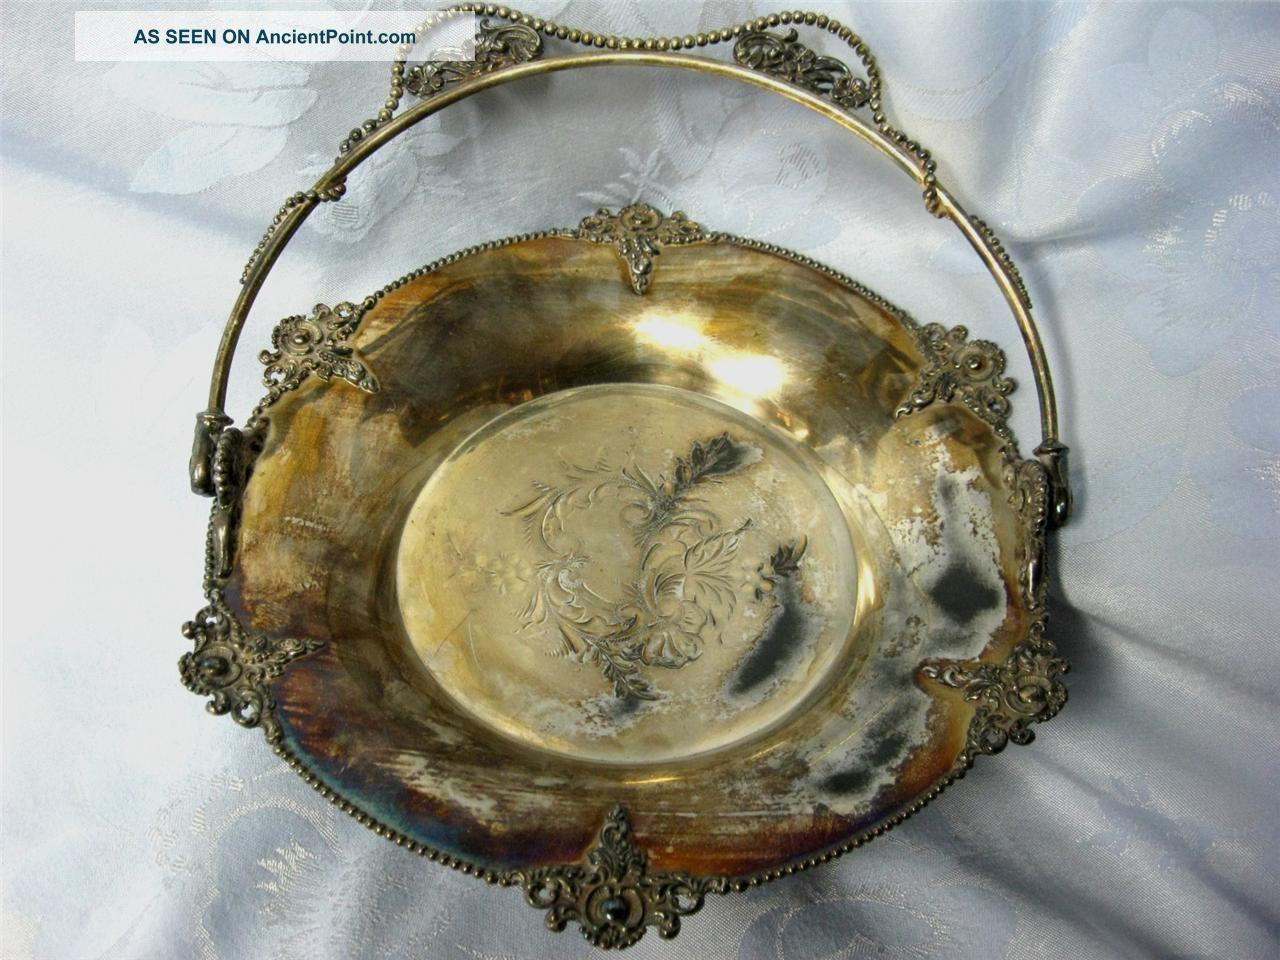 Antique Rockford Silver Plate Co Quadruple Basket Repousse Design Baskets photo